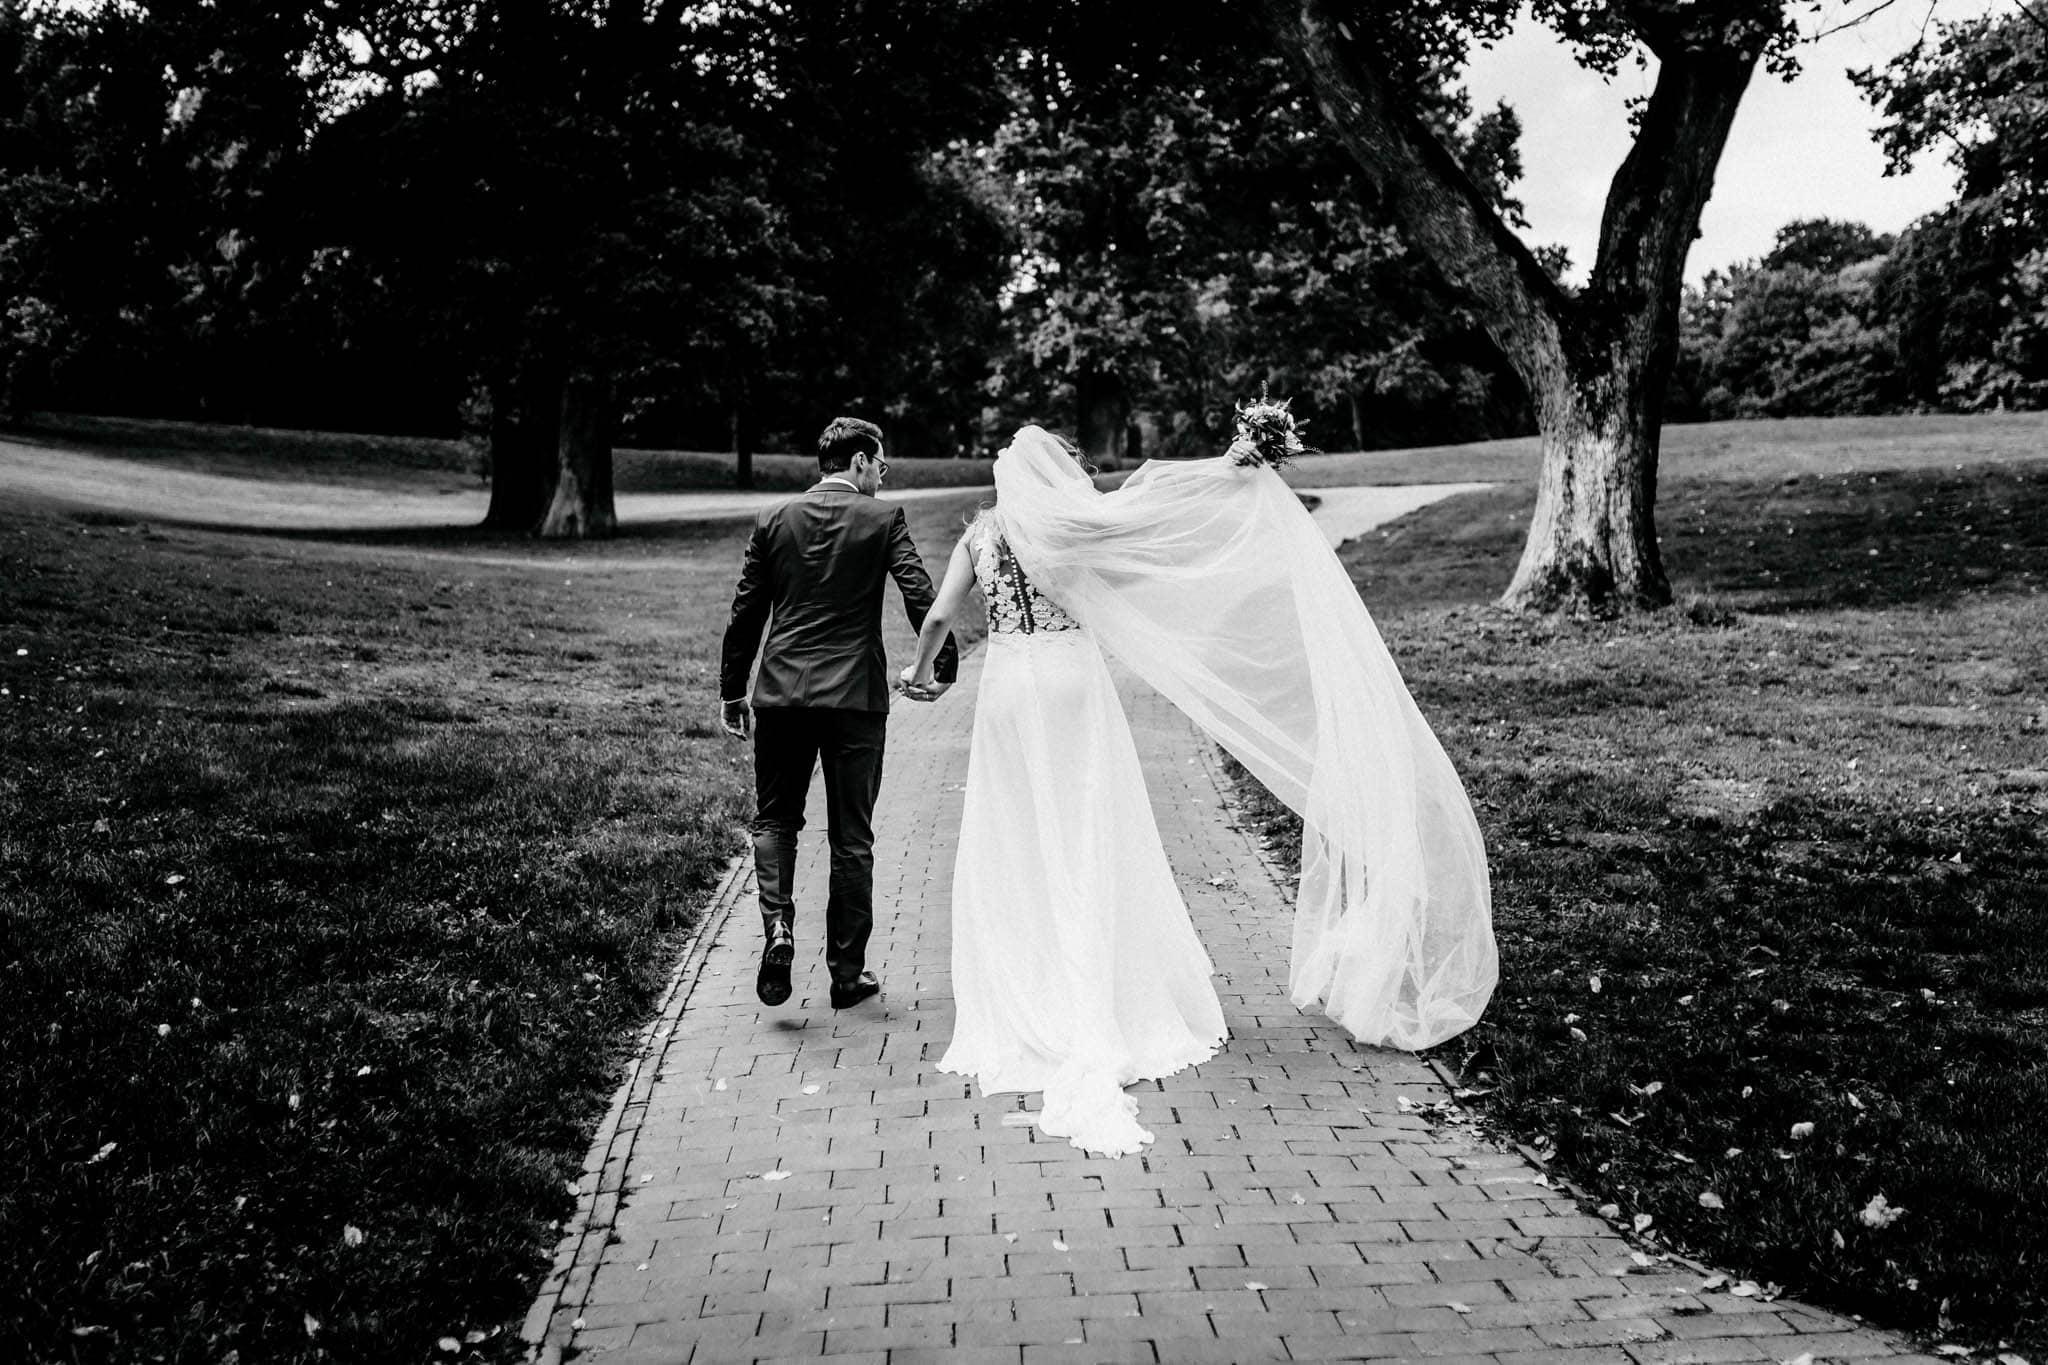 Hochzeitsfieber by Photo-Schomburg, Hochzeitsfotograf, Hamburg, Bremen, Hochzeitstag, Hochzeitspaar, Braut, Bräutigam, Bremen-Kränholm,Knoops Park-153